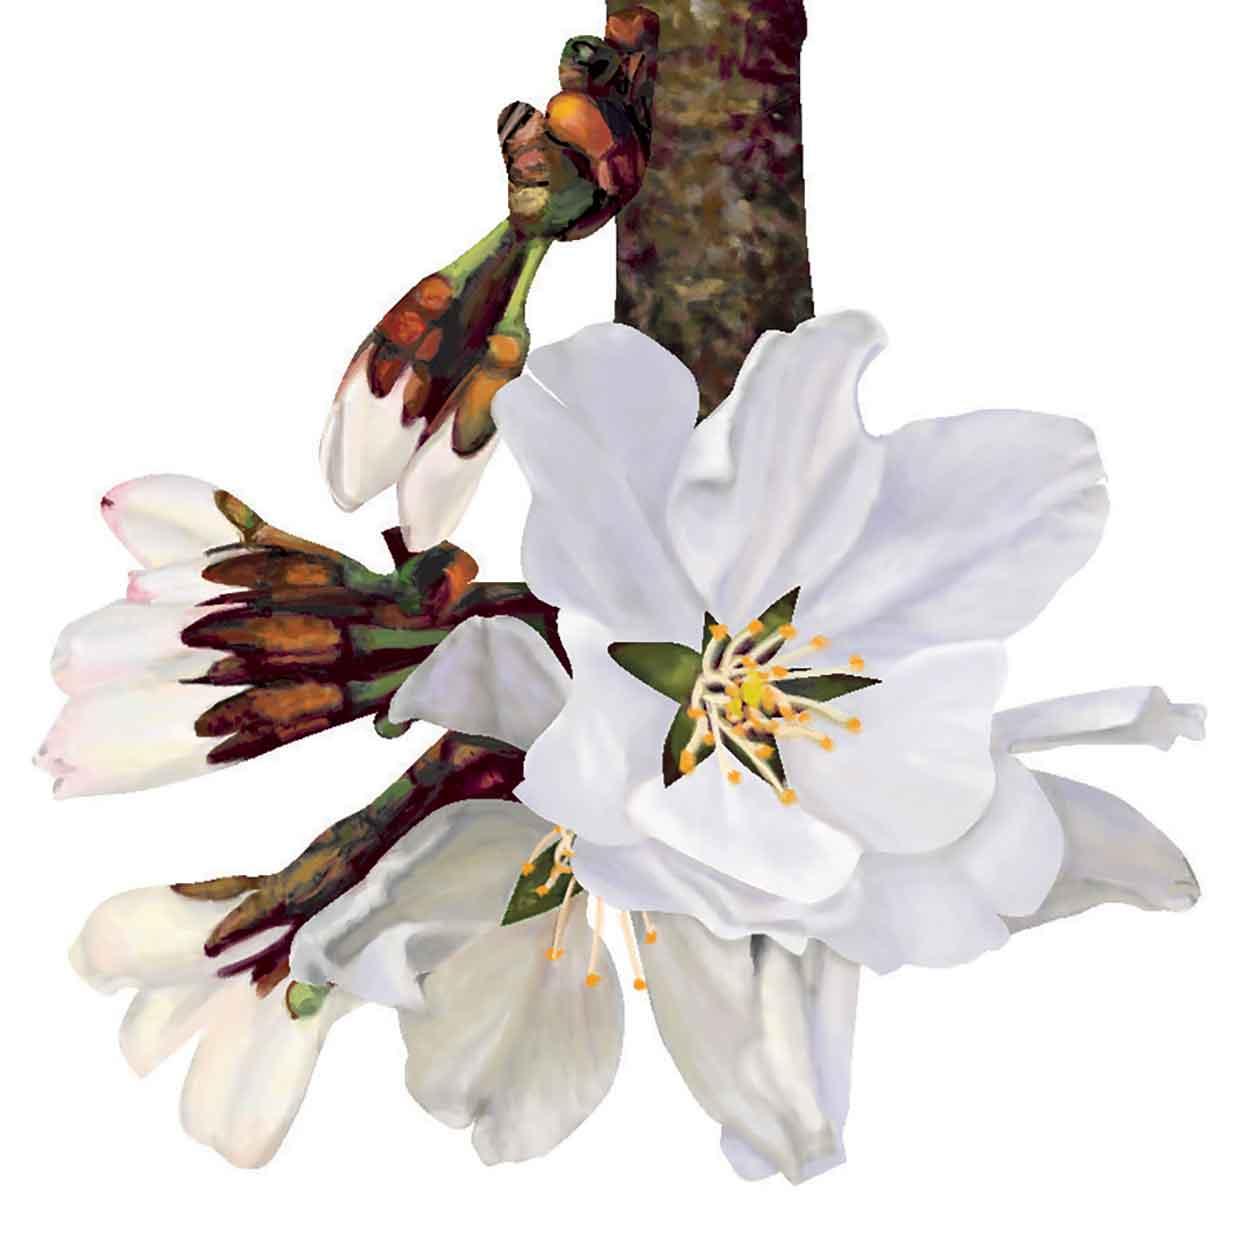 Sakura White Cherry Blossom